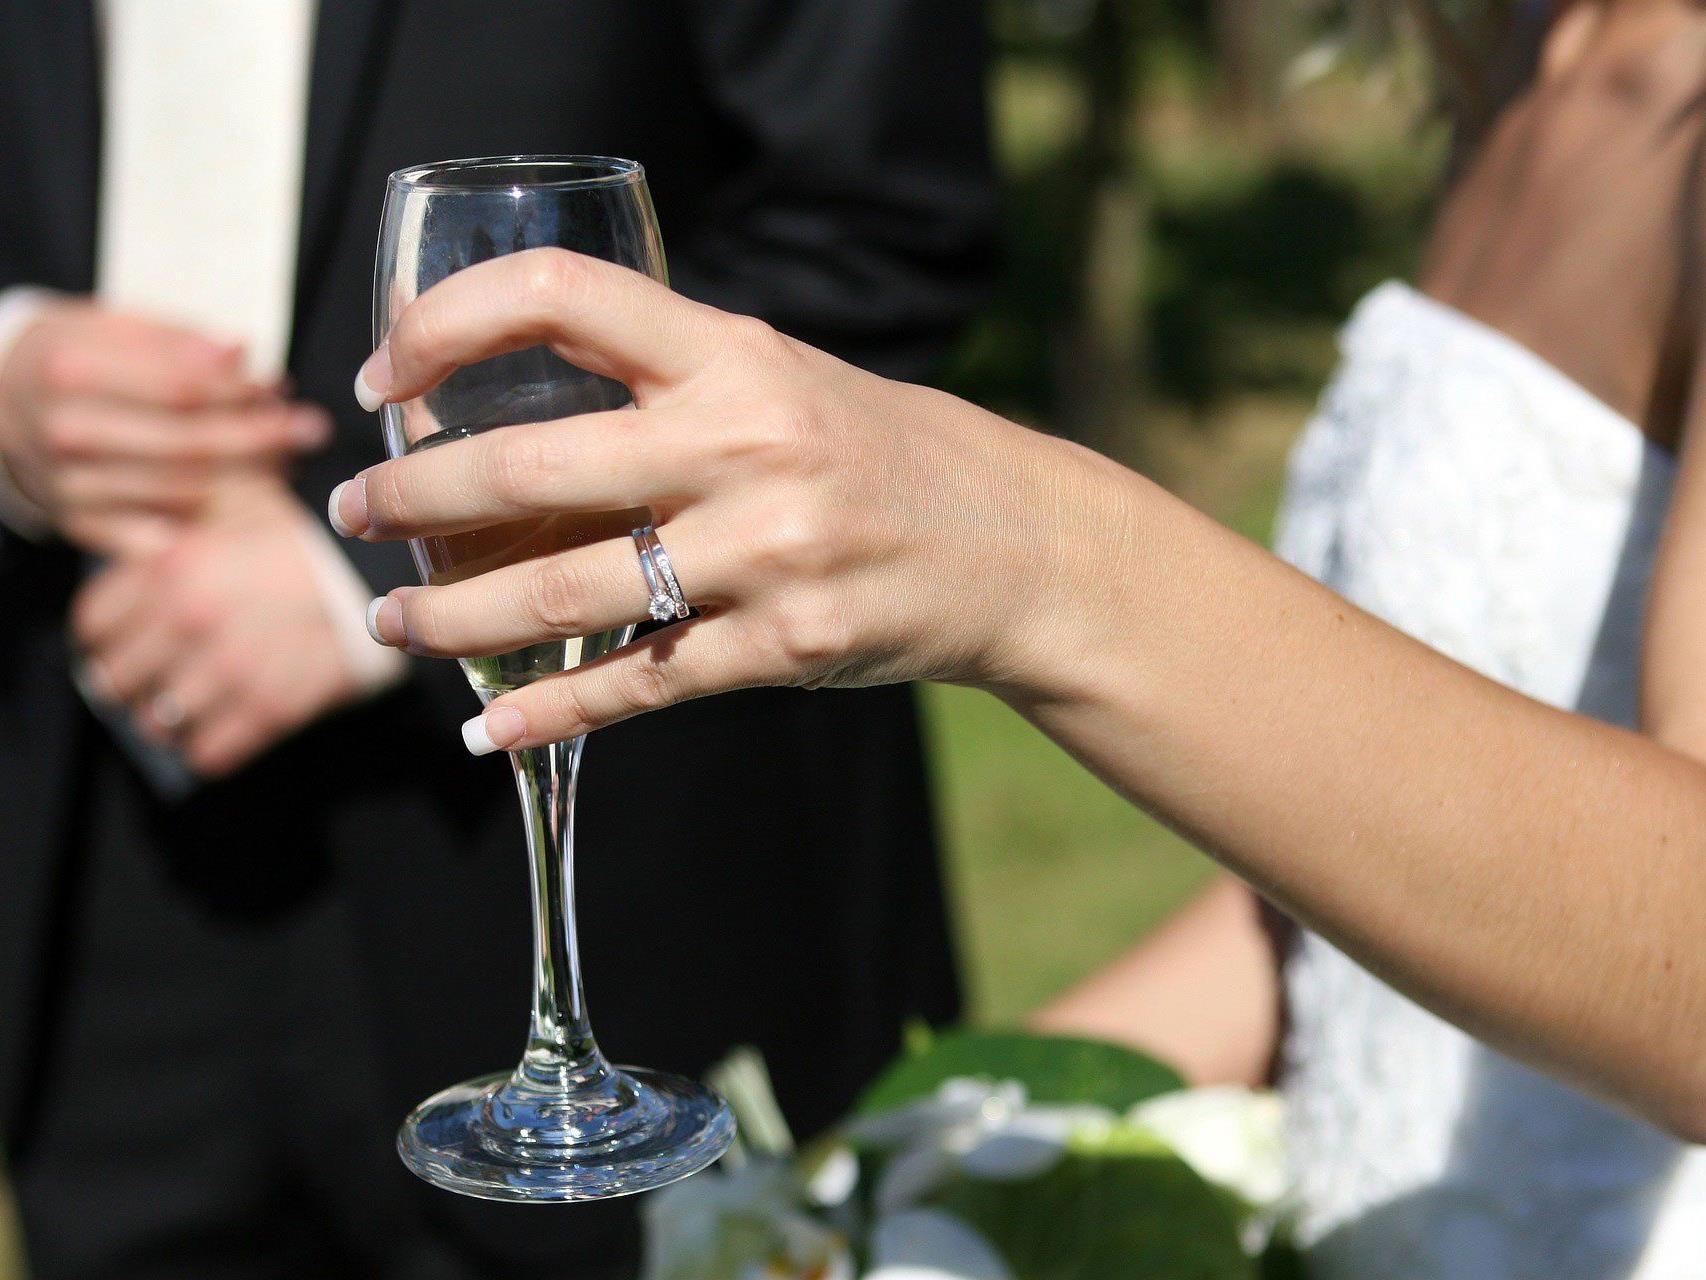 Wer heiraten will, sollte sich die Trau dich-Messe nicht entgehen lassen